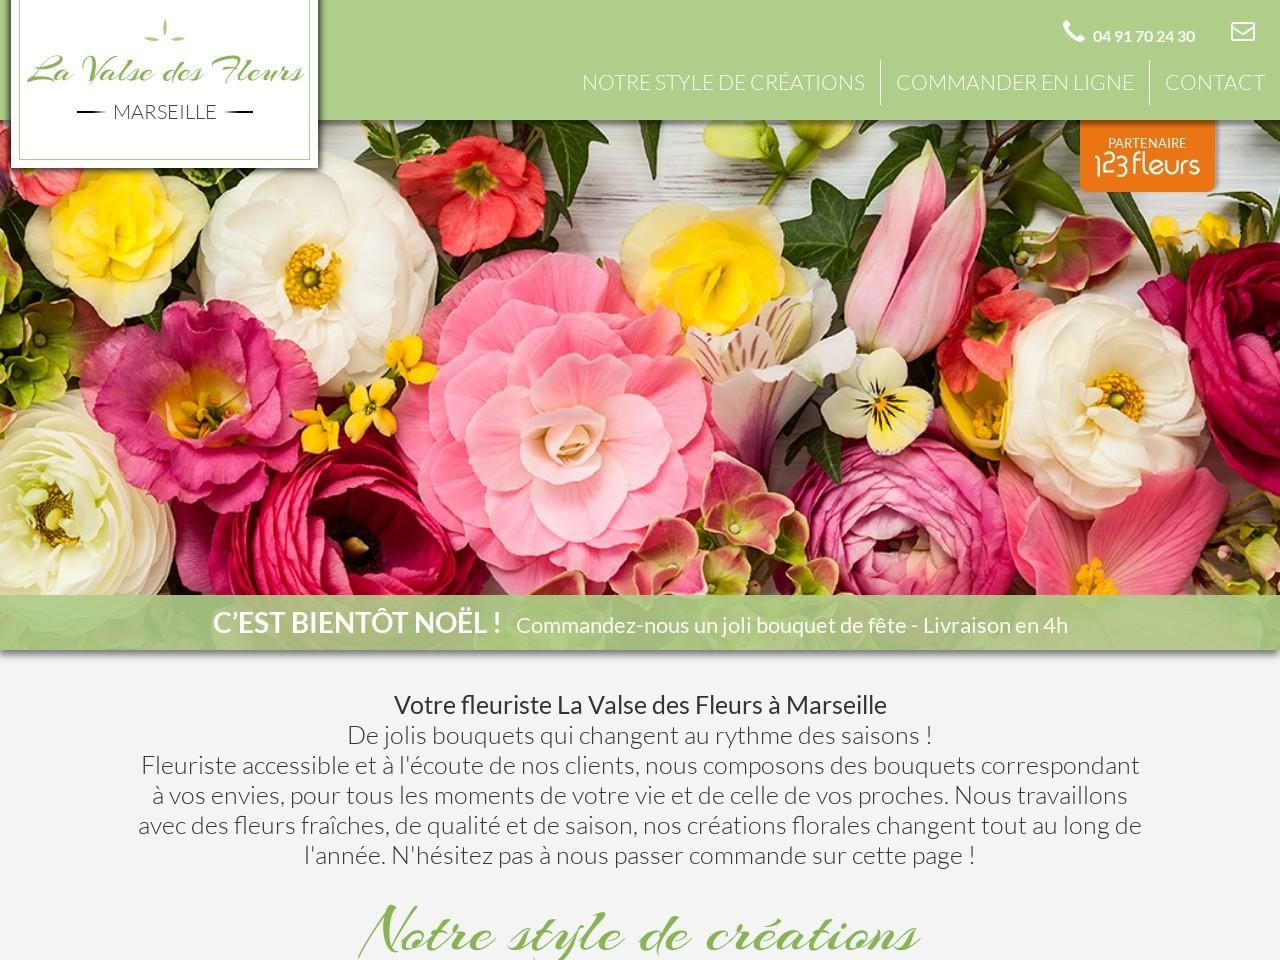 Site fleuriste La Valse des Fleurs - 123fleurs